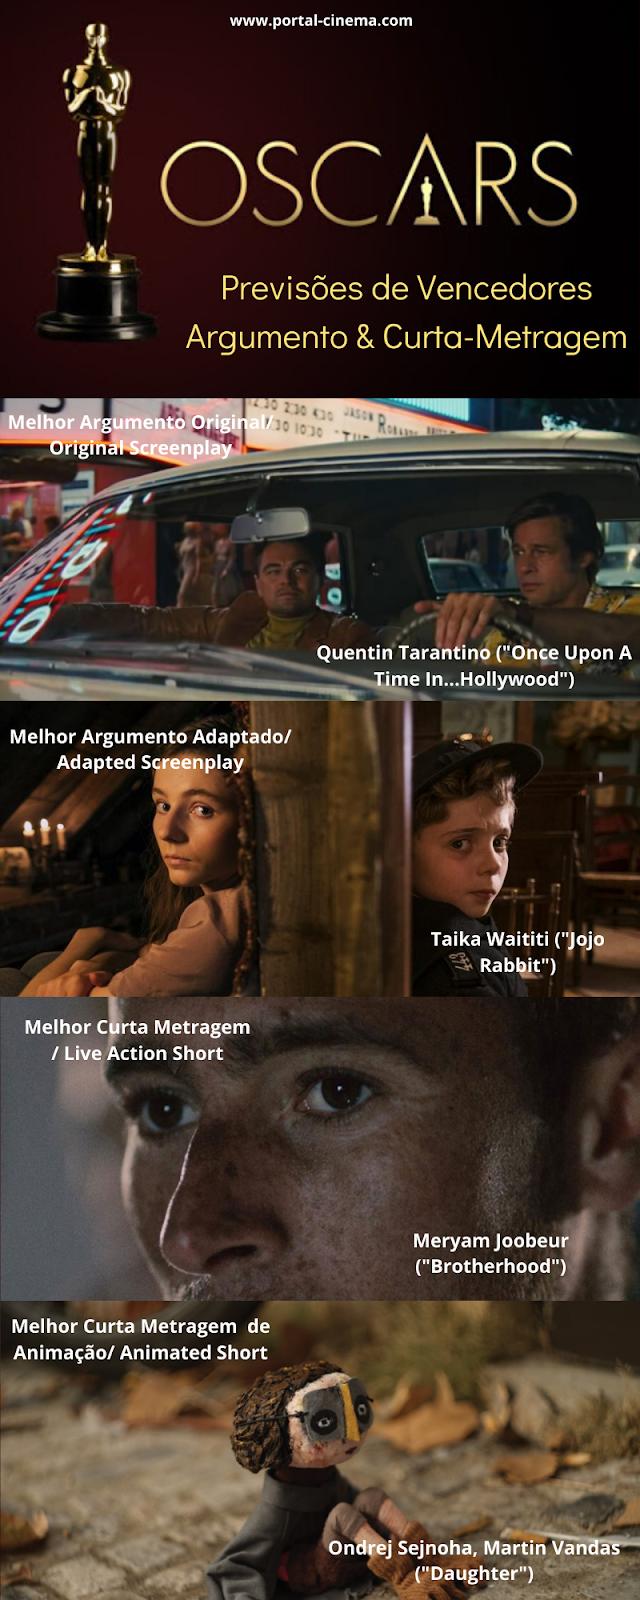 Óscares 2020 - Previsões Nas Categorias de Argumento e Curtas